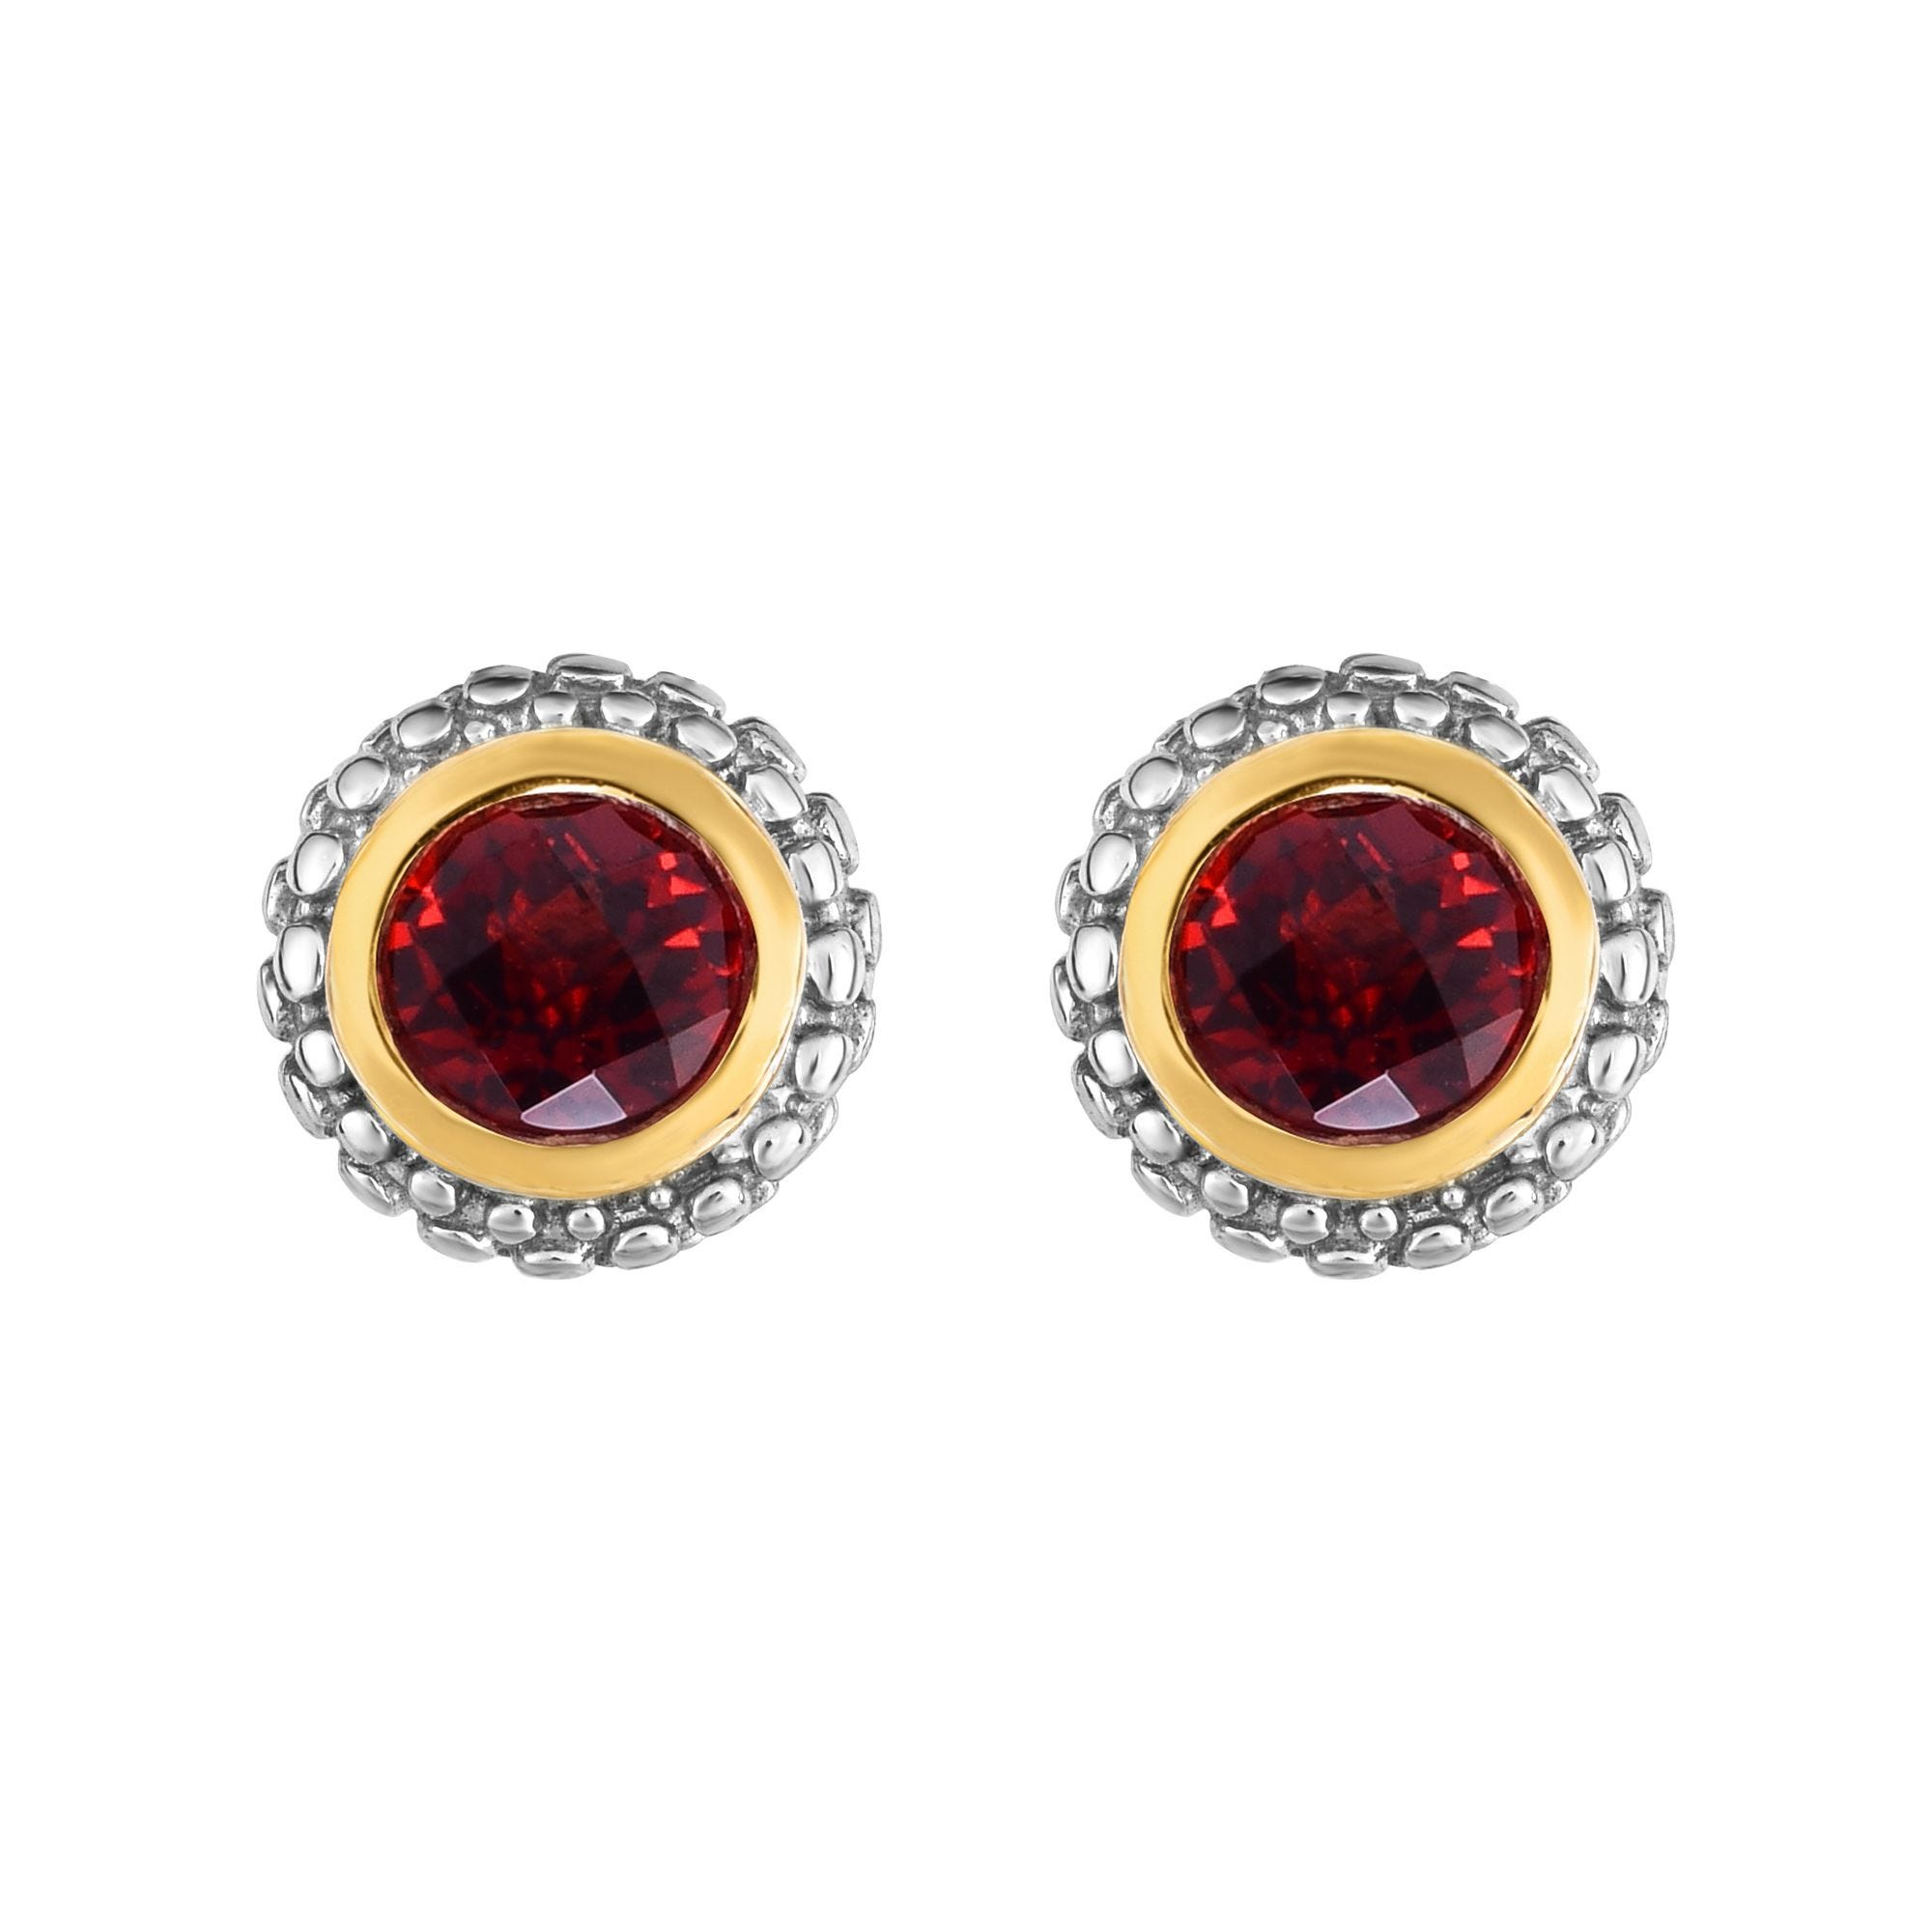 Garnet Double Halo Earrings in Sterling Silver